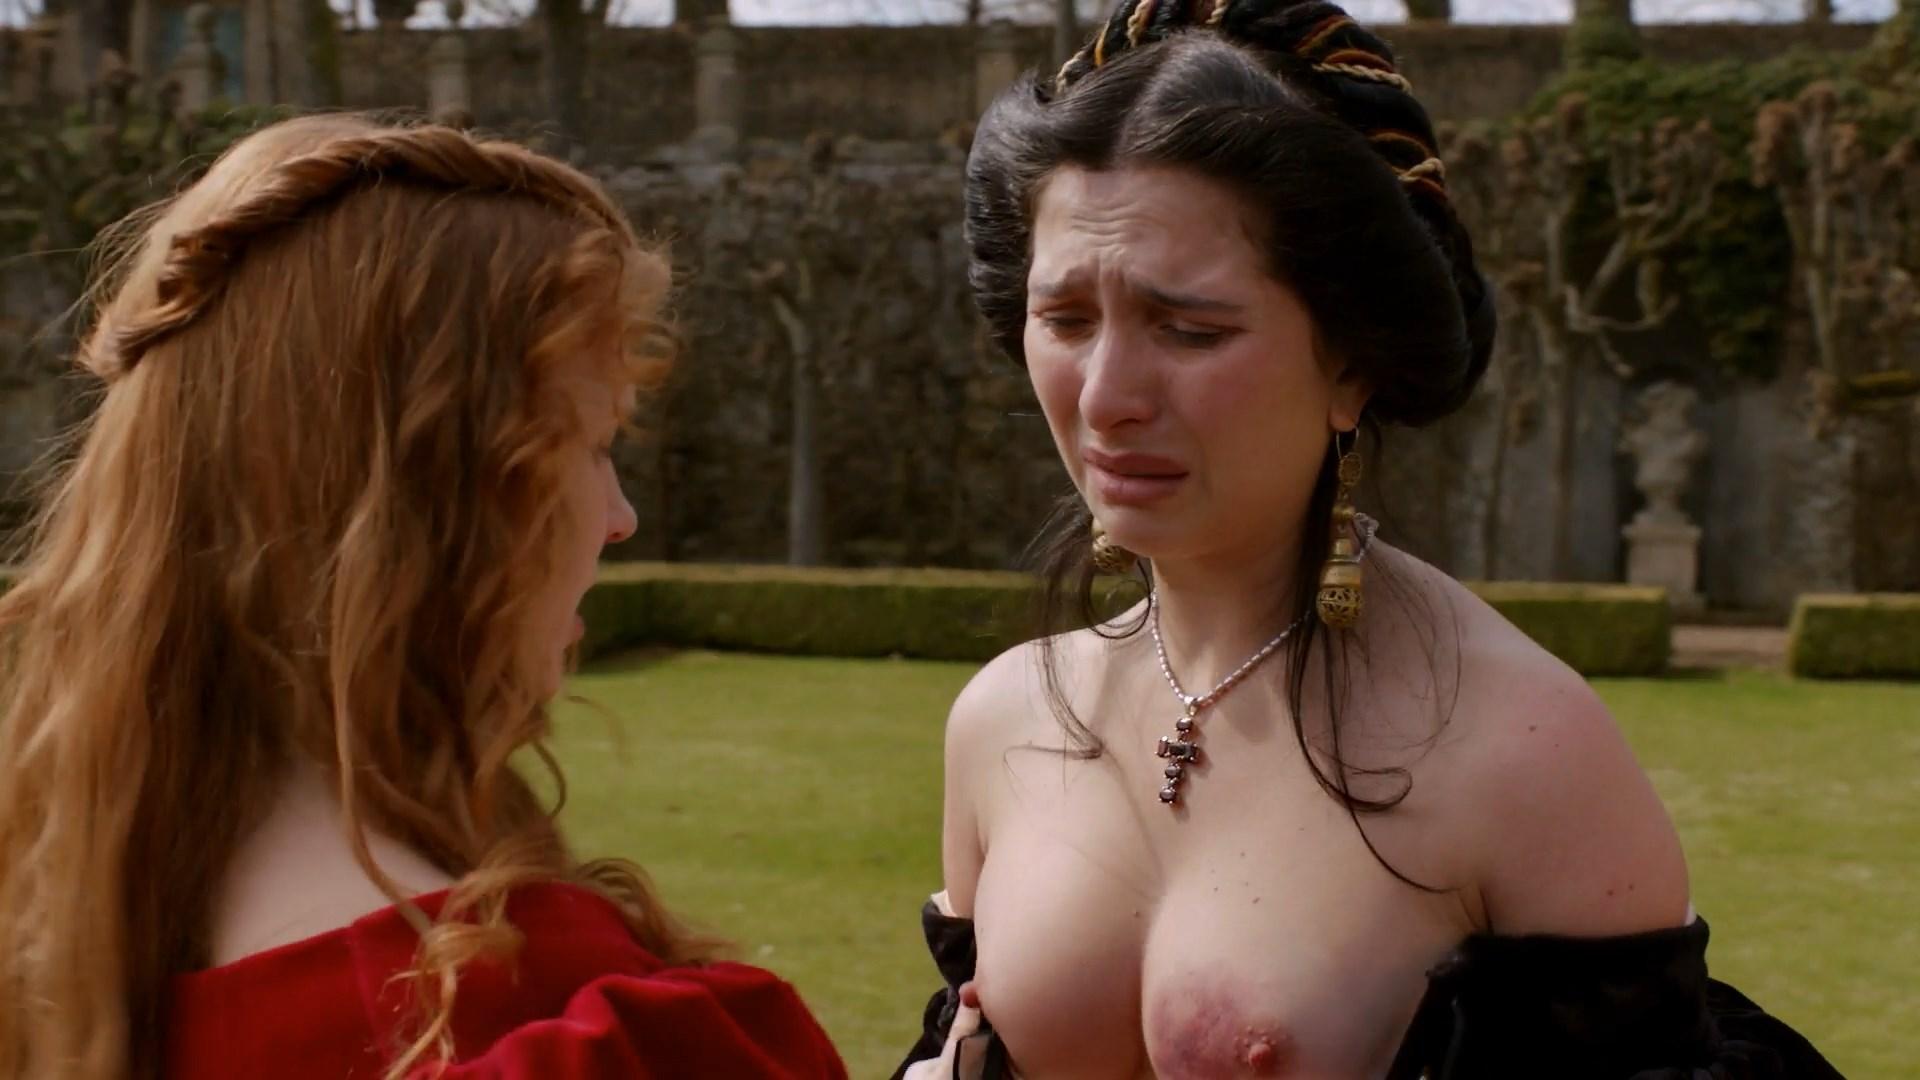 borgia Isolda nude dychauk